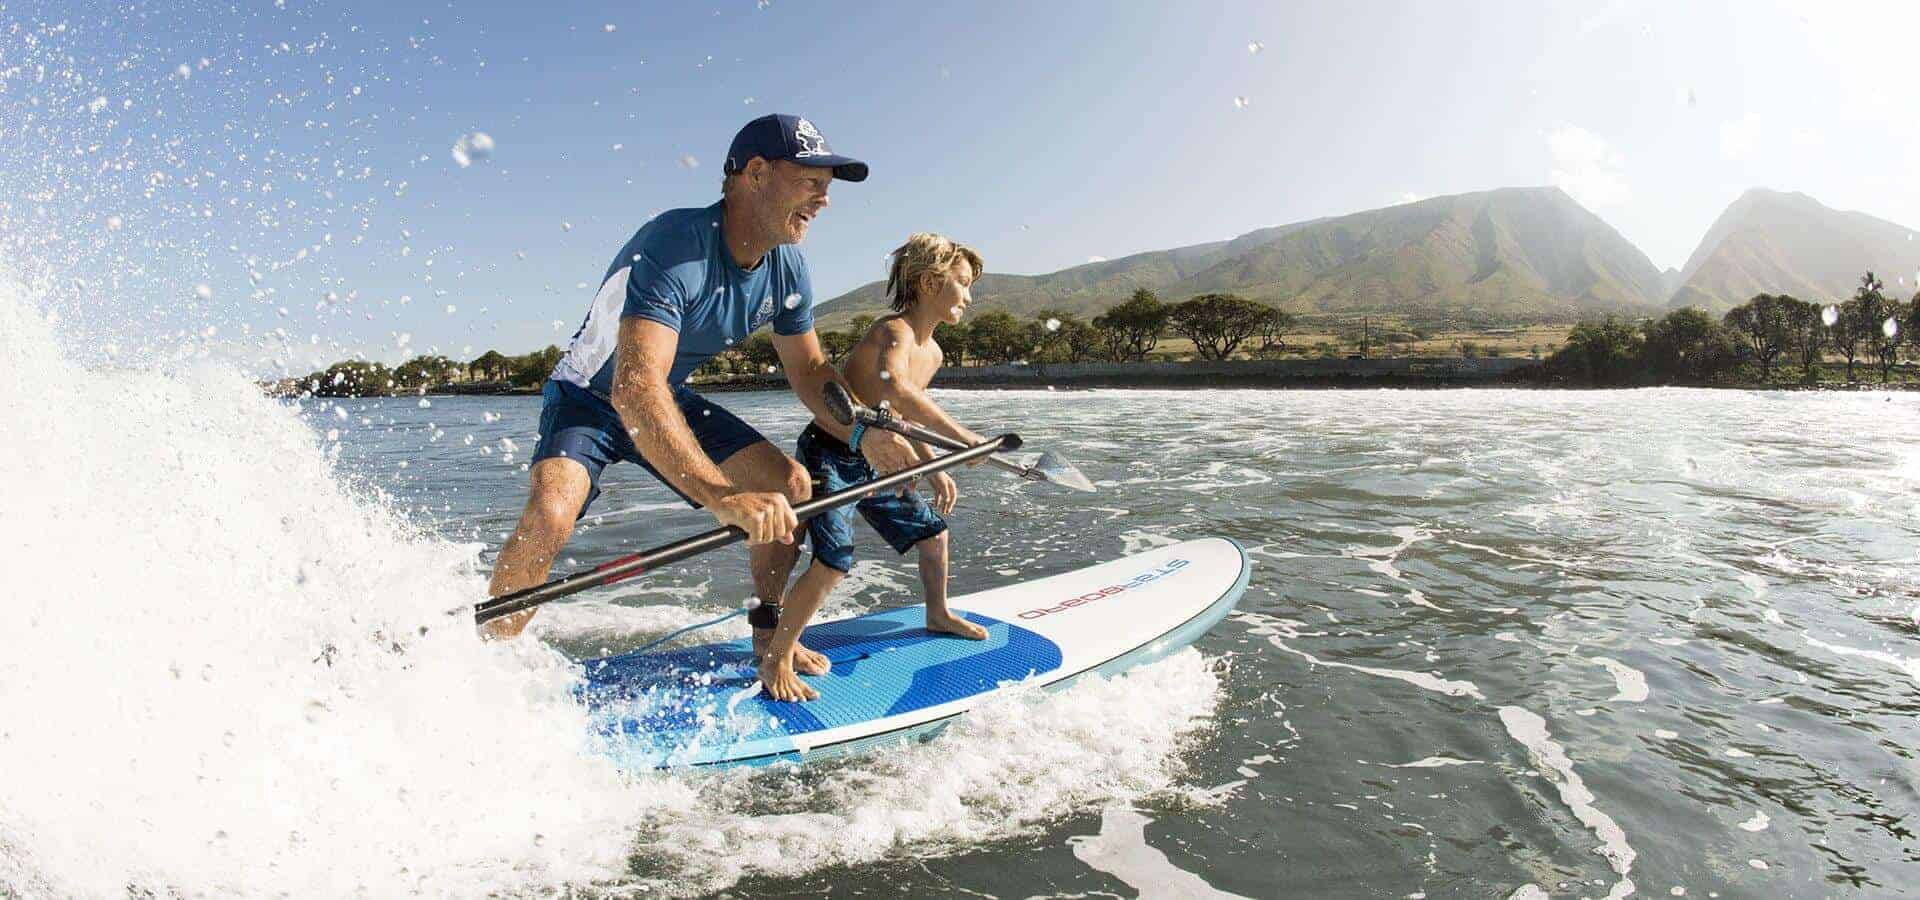 EINER DER BESTEN PLÄTZE FÜR SUP SURF IN GRIECHENLAND